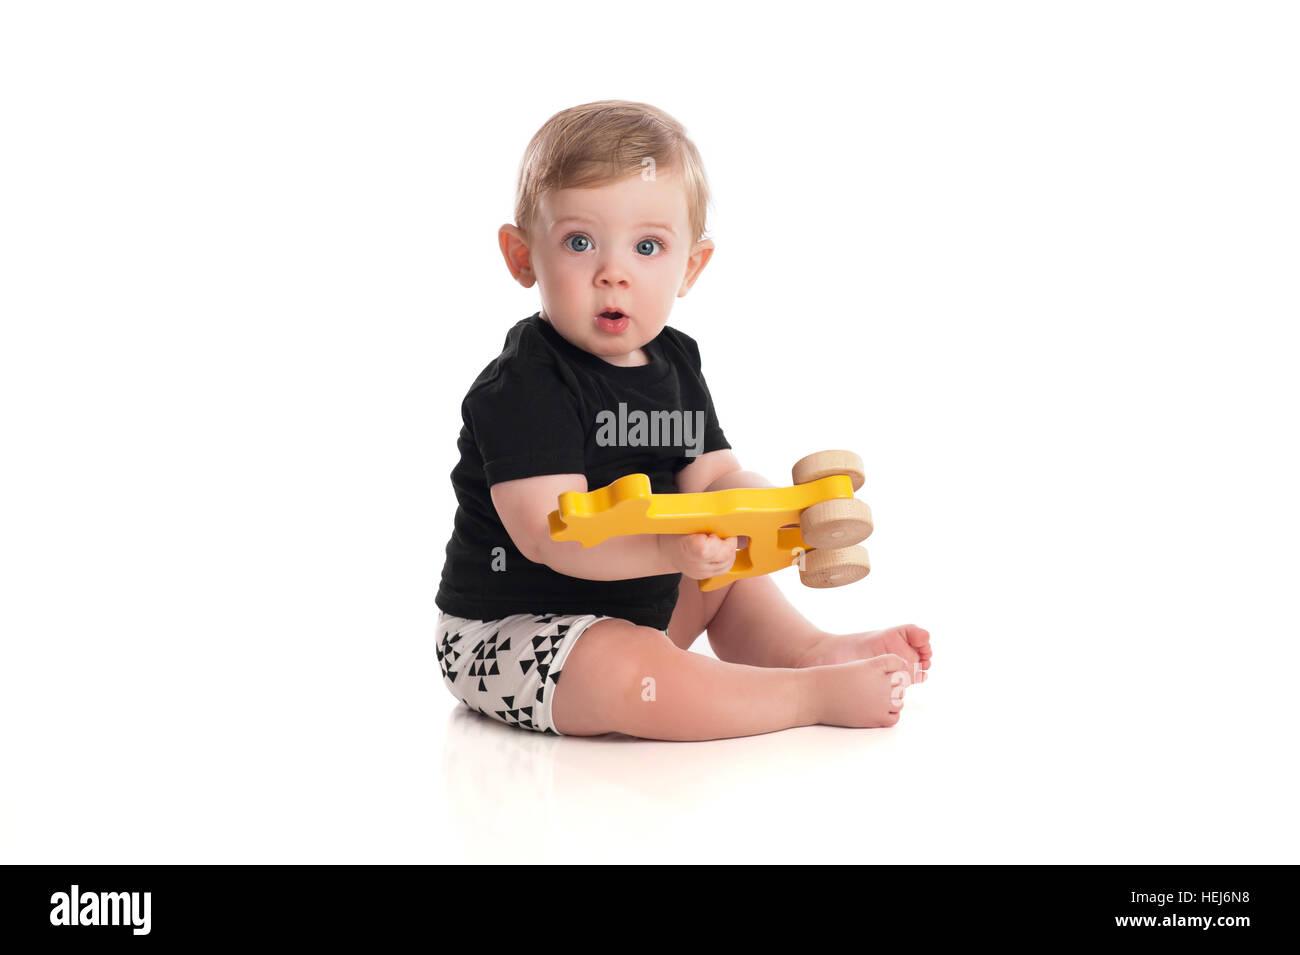 Juguetes Bebe De 8 Meses.Un Bebe De 8 Meses Nino Jugando Con Un Juguete De Madera